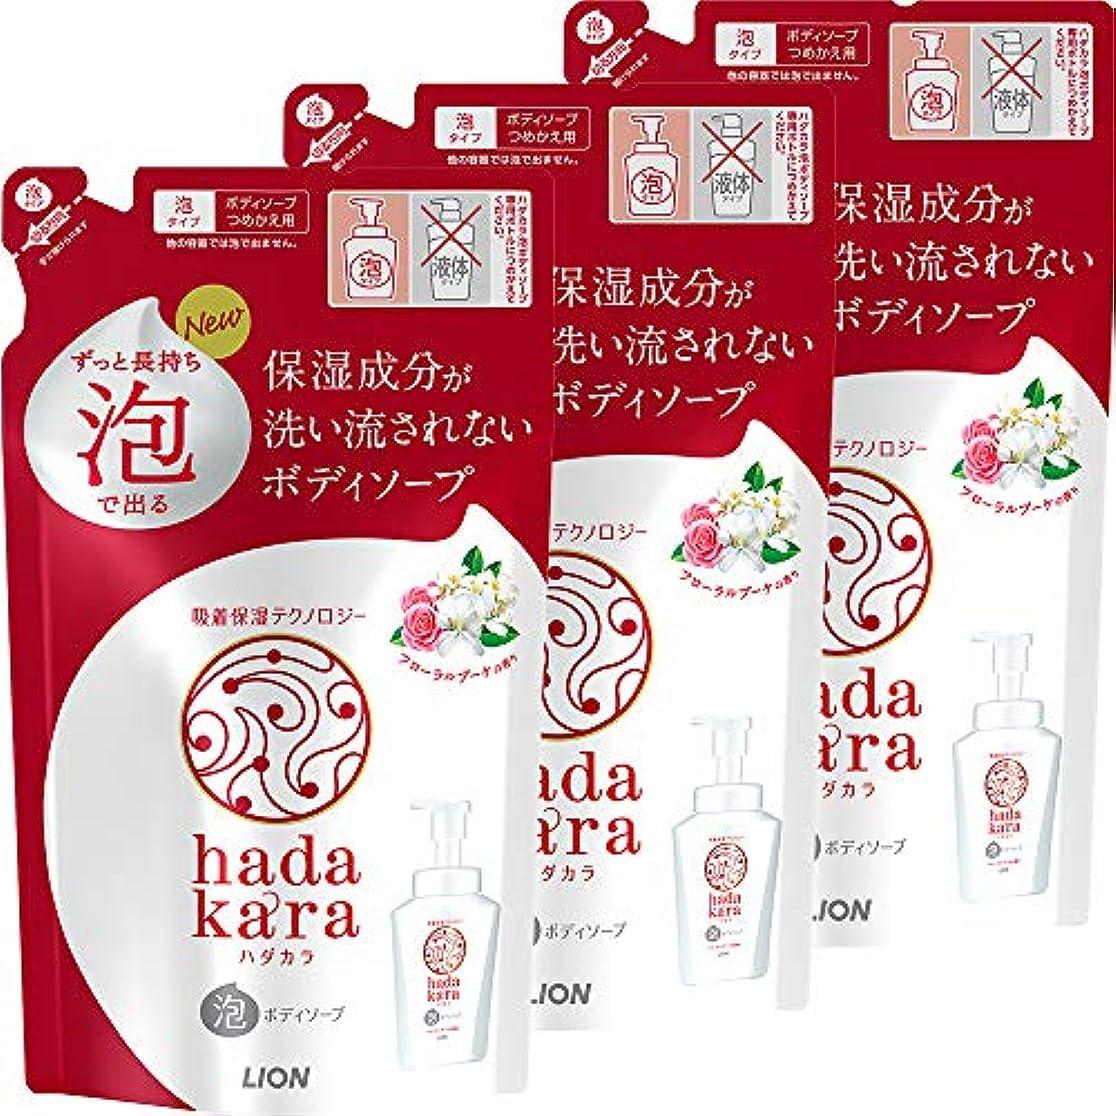 仲人粒子手紙を書くhadakara(ハダカラ) ボディソープ 泡タイプ フローラルブーケの香り 詰替440ml×3個